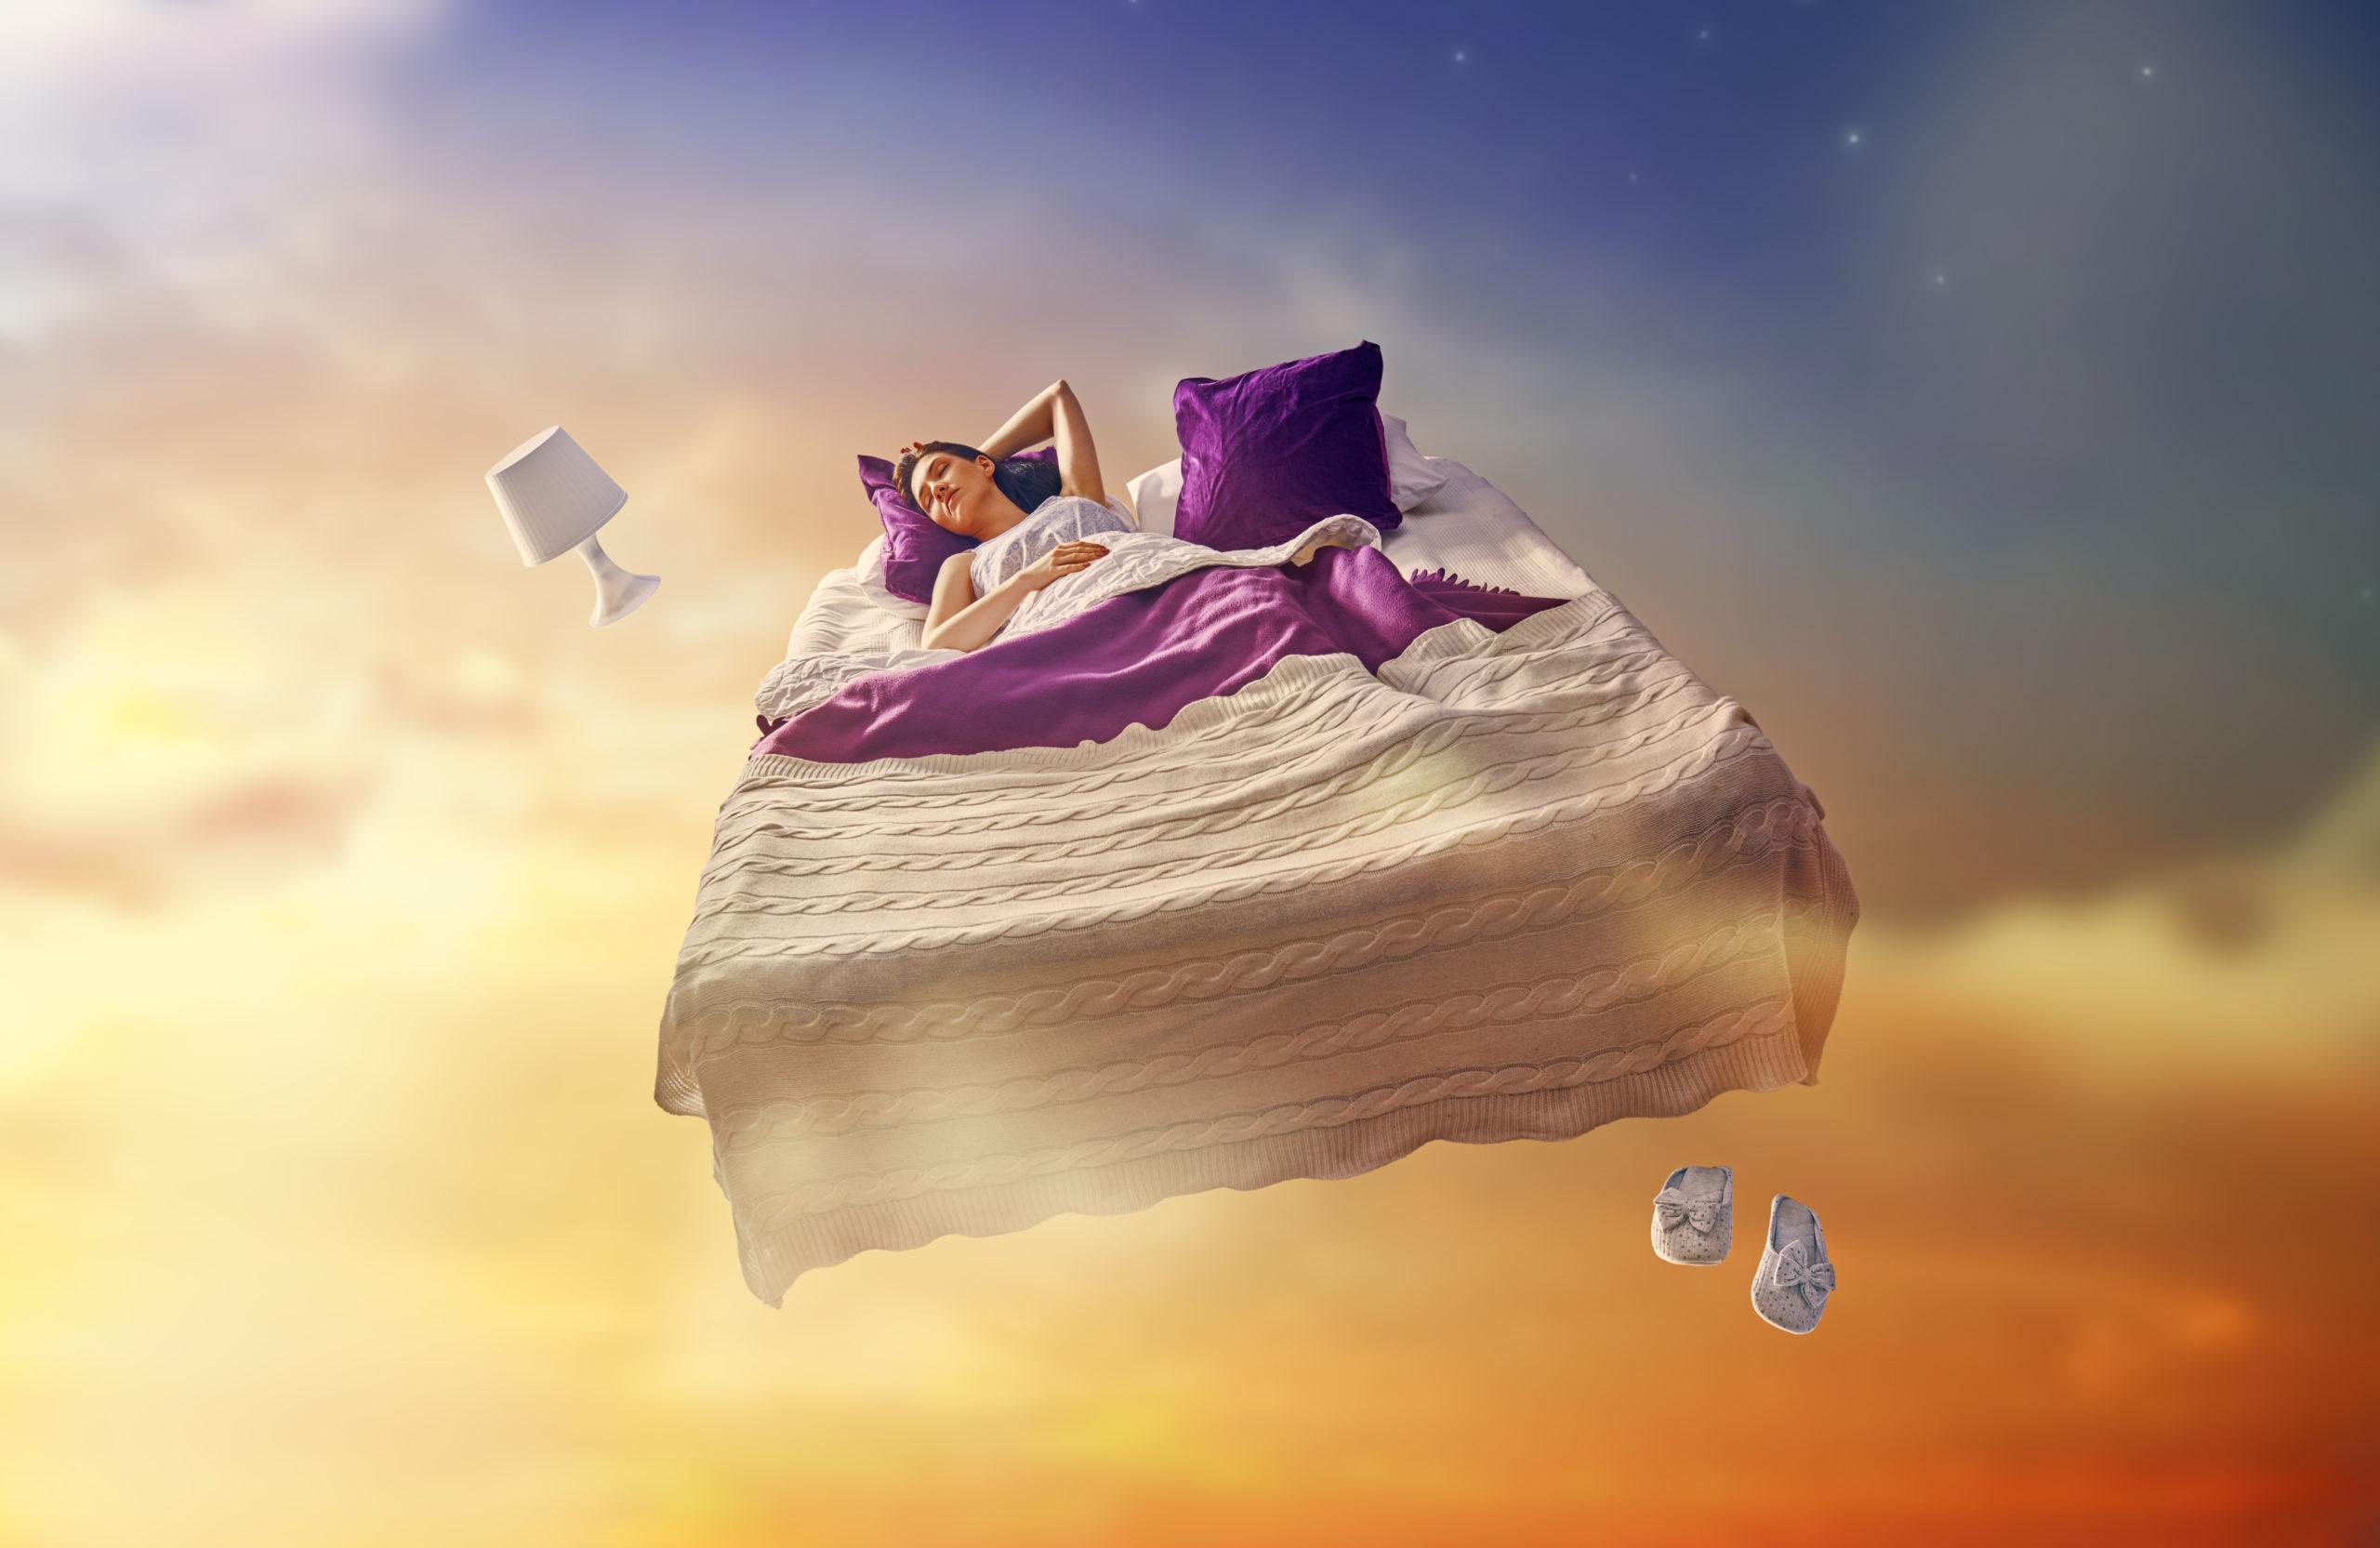 État de conscience et sommeil